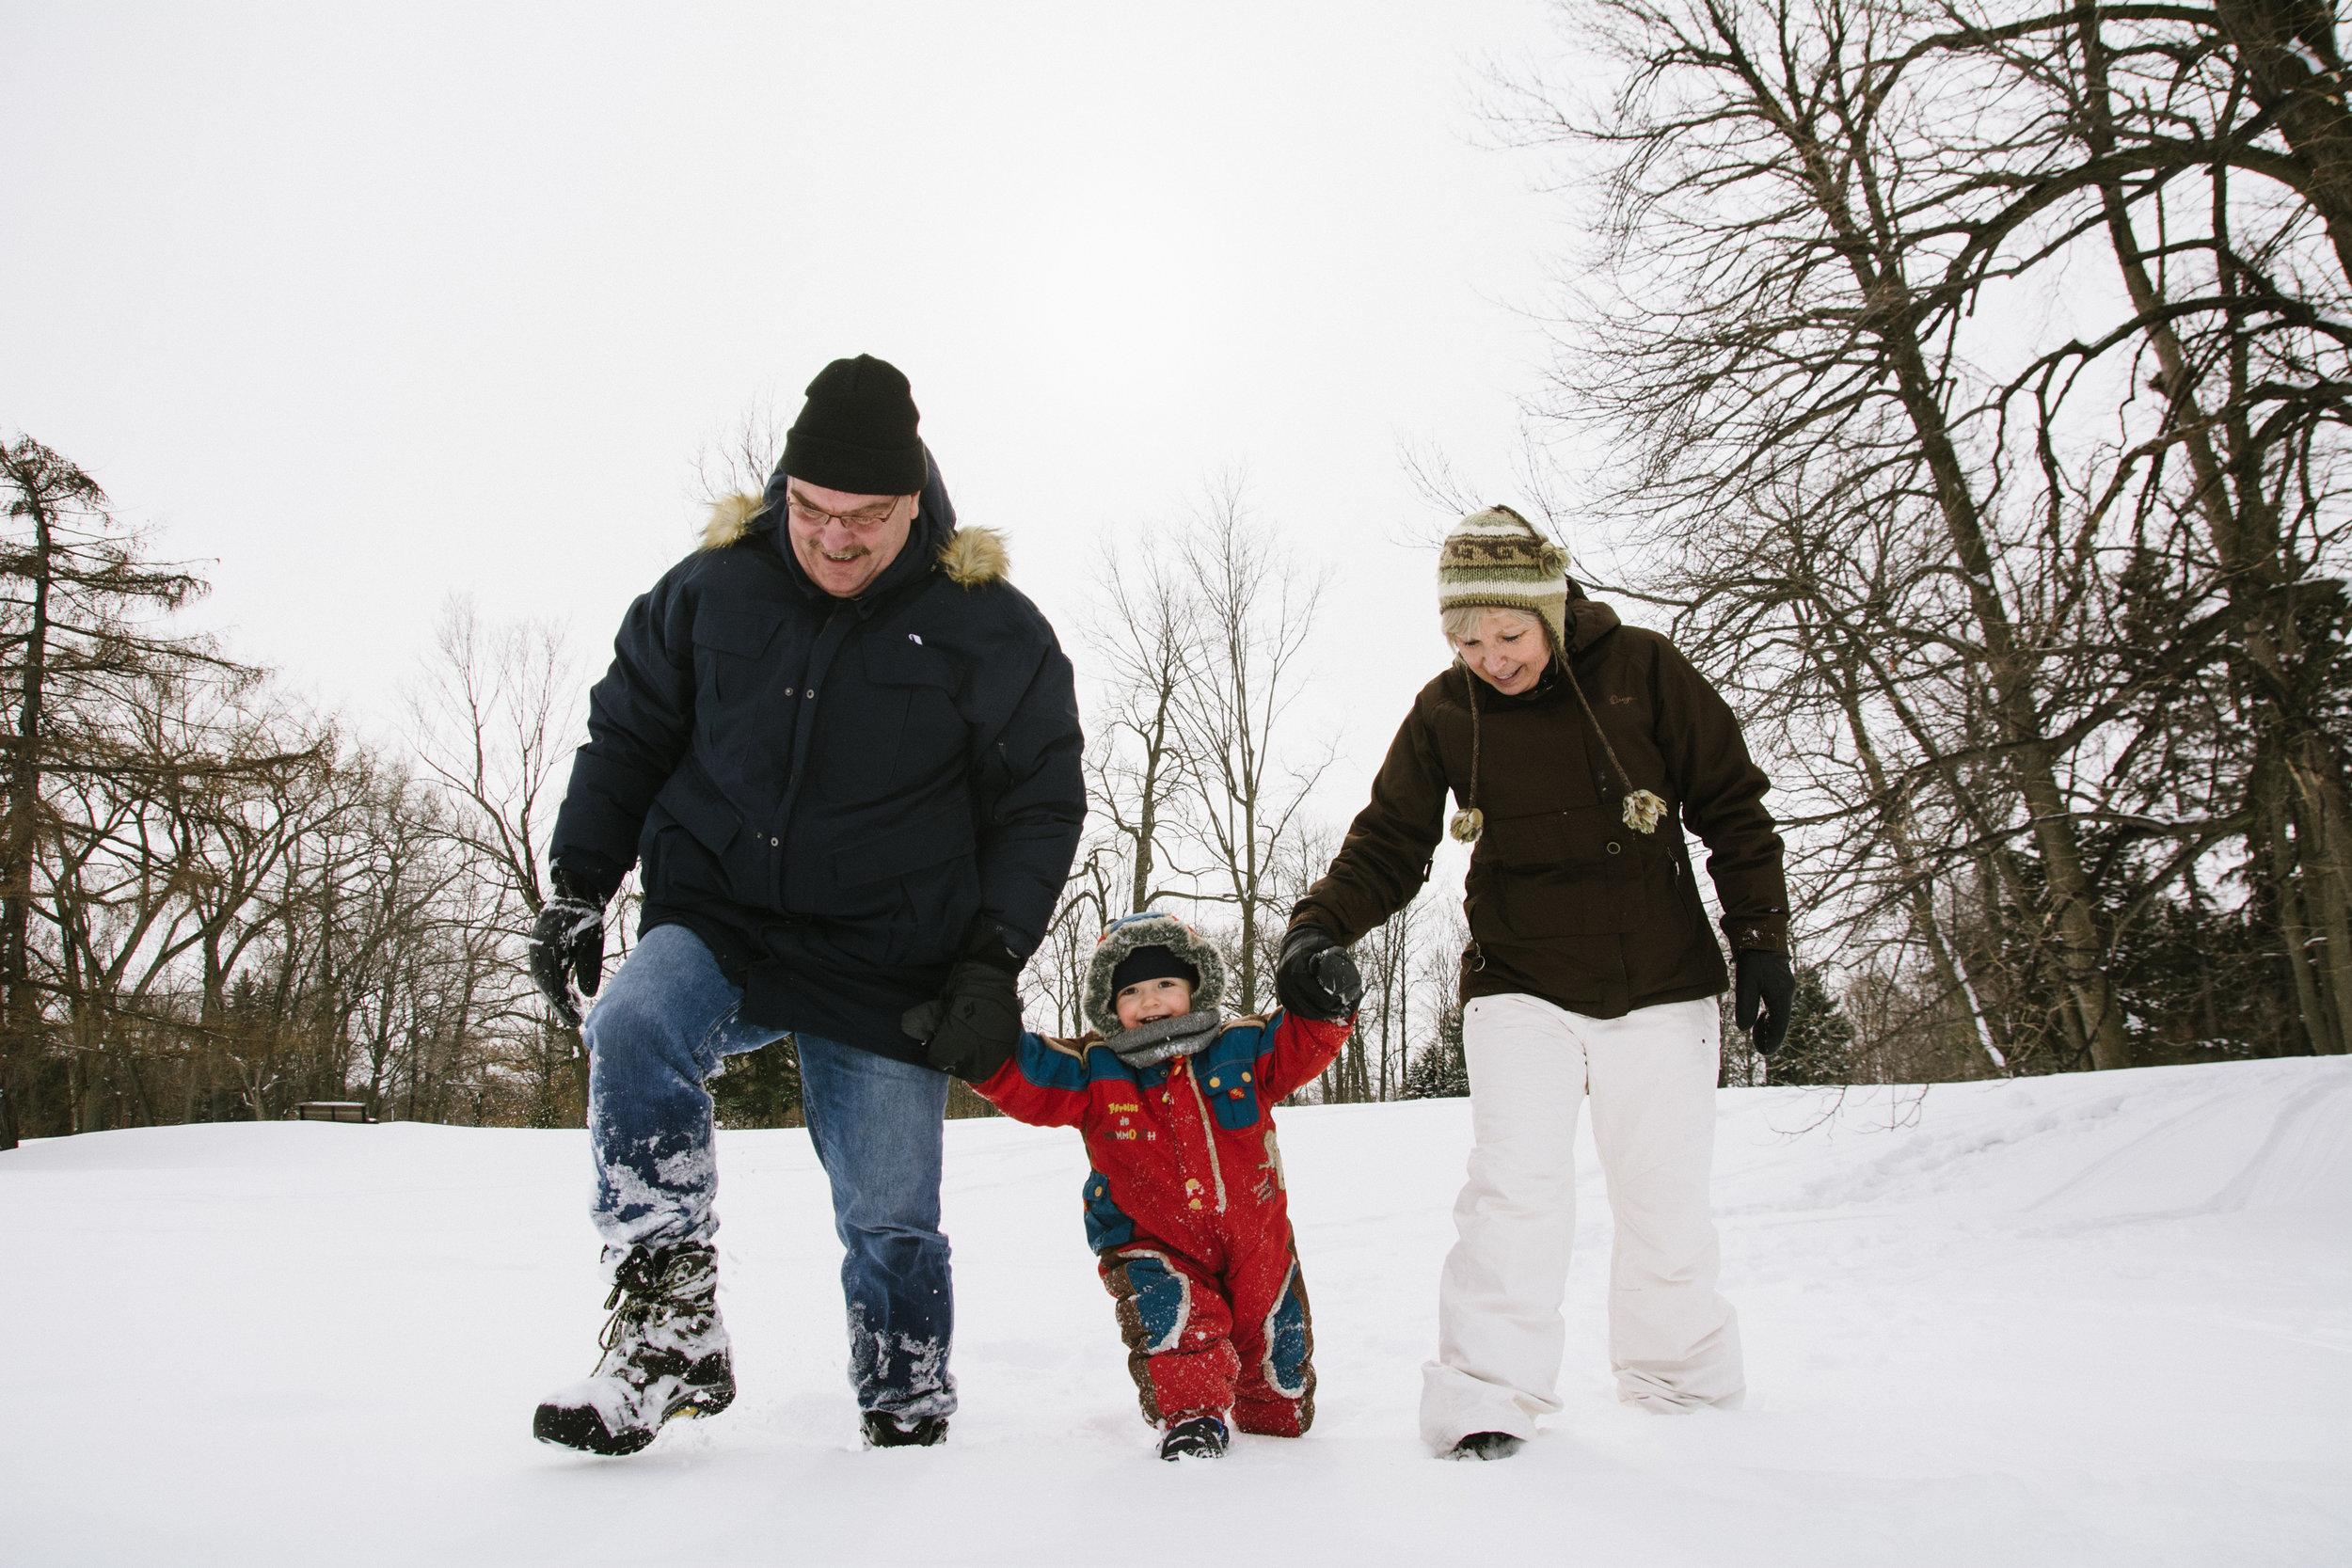 photo-d-un-enfant-en-habit-de-neige-avec-ses-grands-parents-l-hiver-a-montreal-photographe-enfant-famille-montreal.jpg